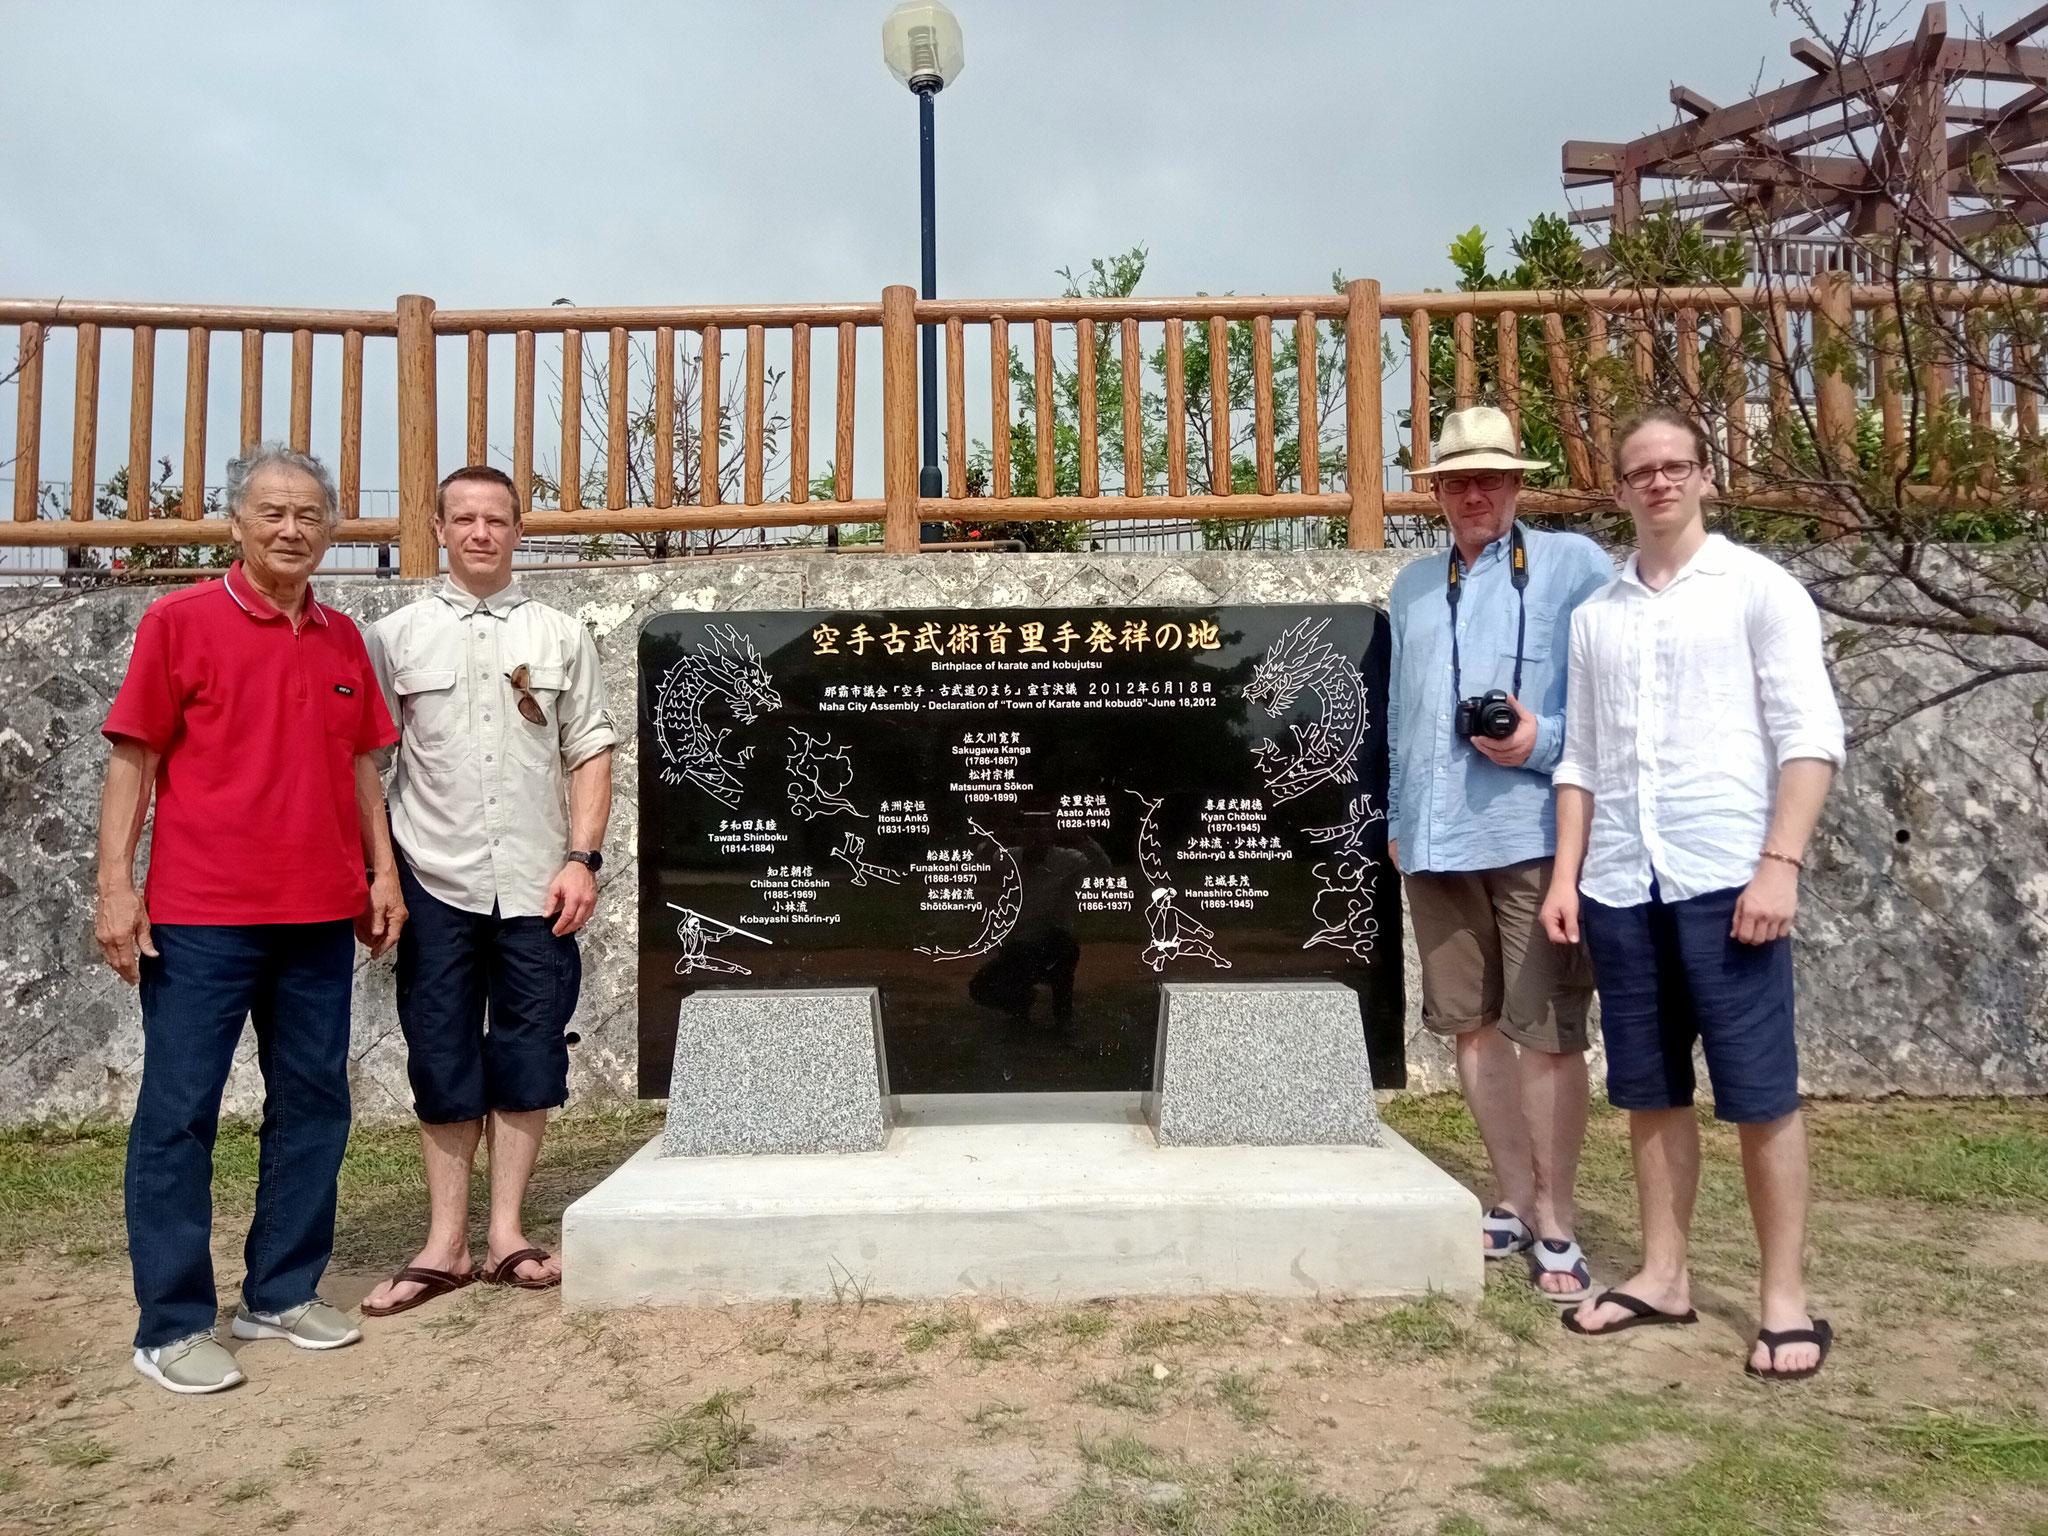 Karate Geschichtstour – Monument der Okinawastile und ihre Gründer